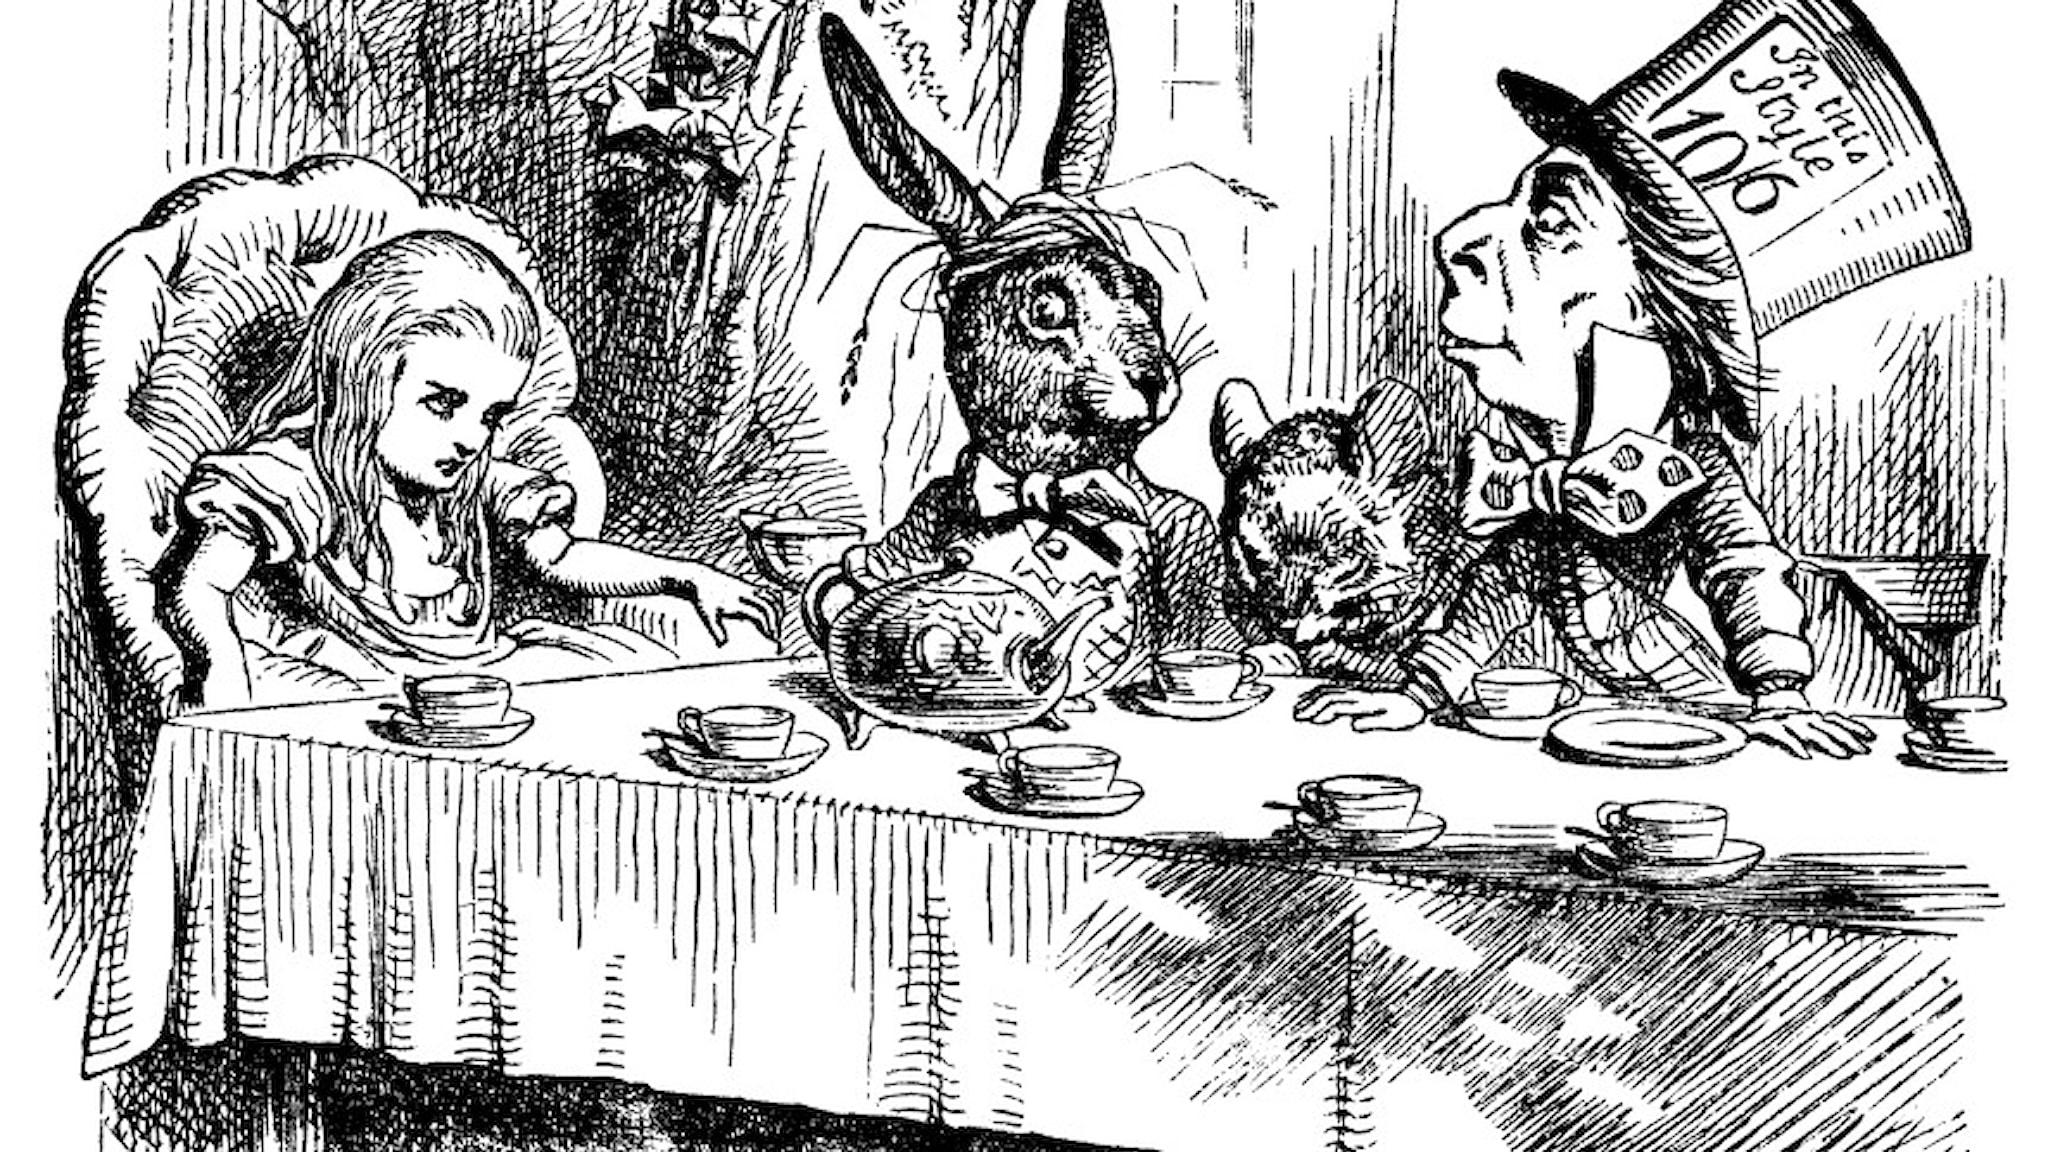 Alice på tekalas med Påskharen och Hattmakaren. Illustration av Sir John Tenniel från 1865.